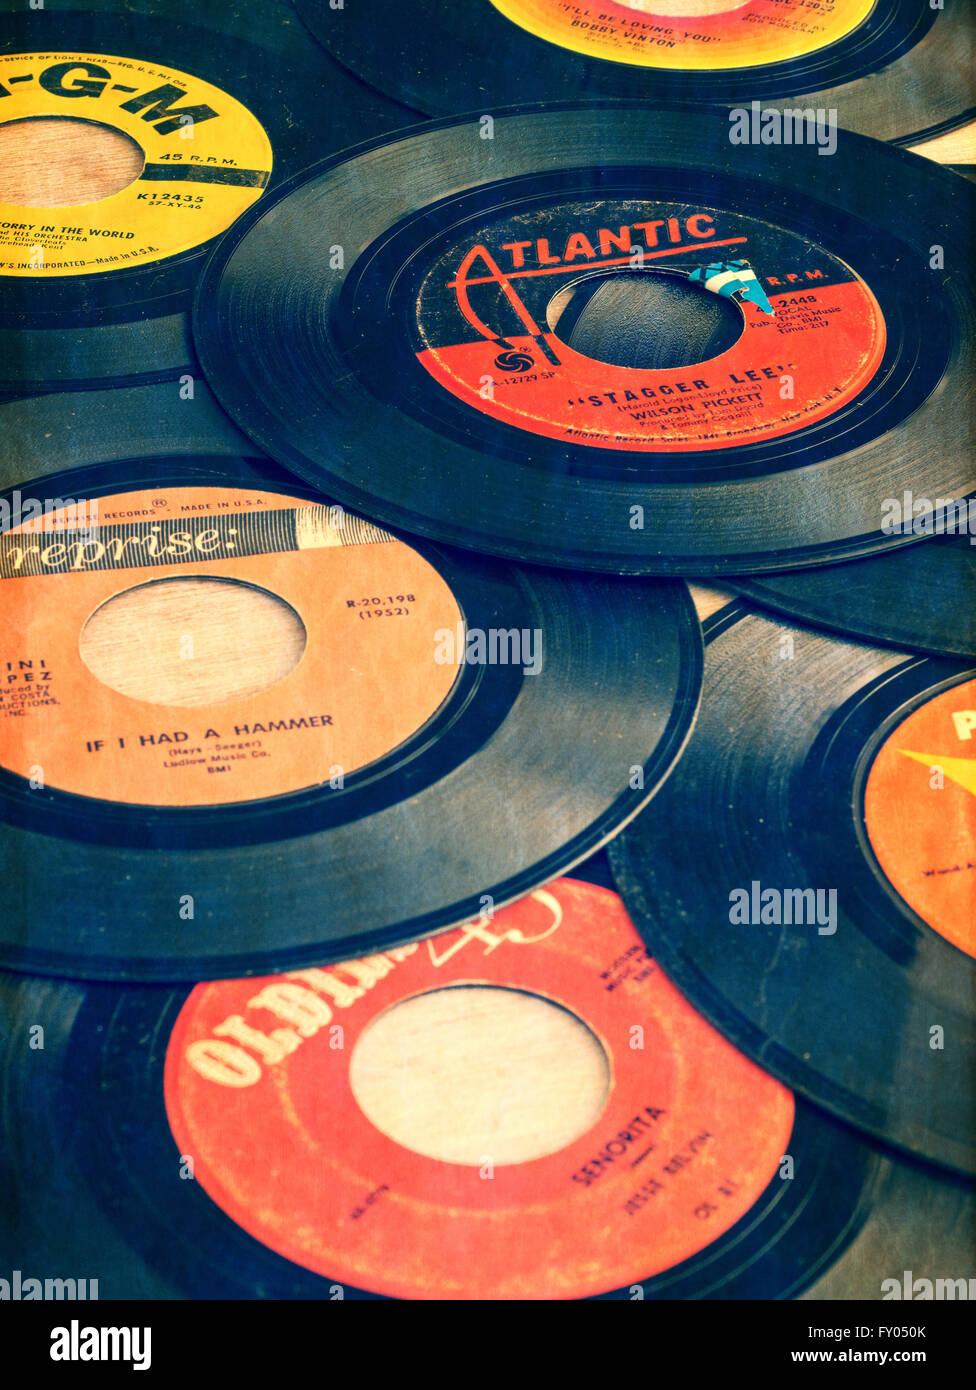 Los antiguos de vinilo 45s desde los primeros días de la música de Rock and Roll. Imagen De Stock